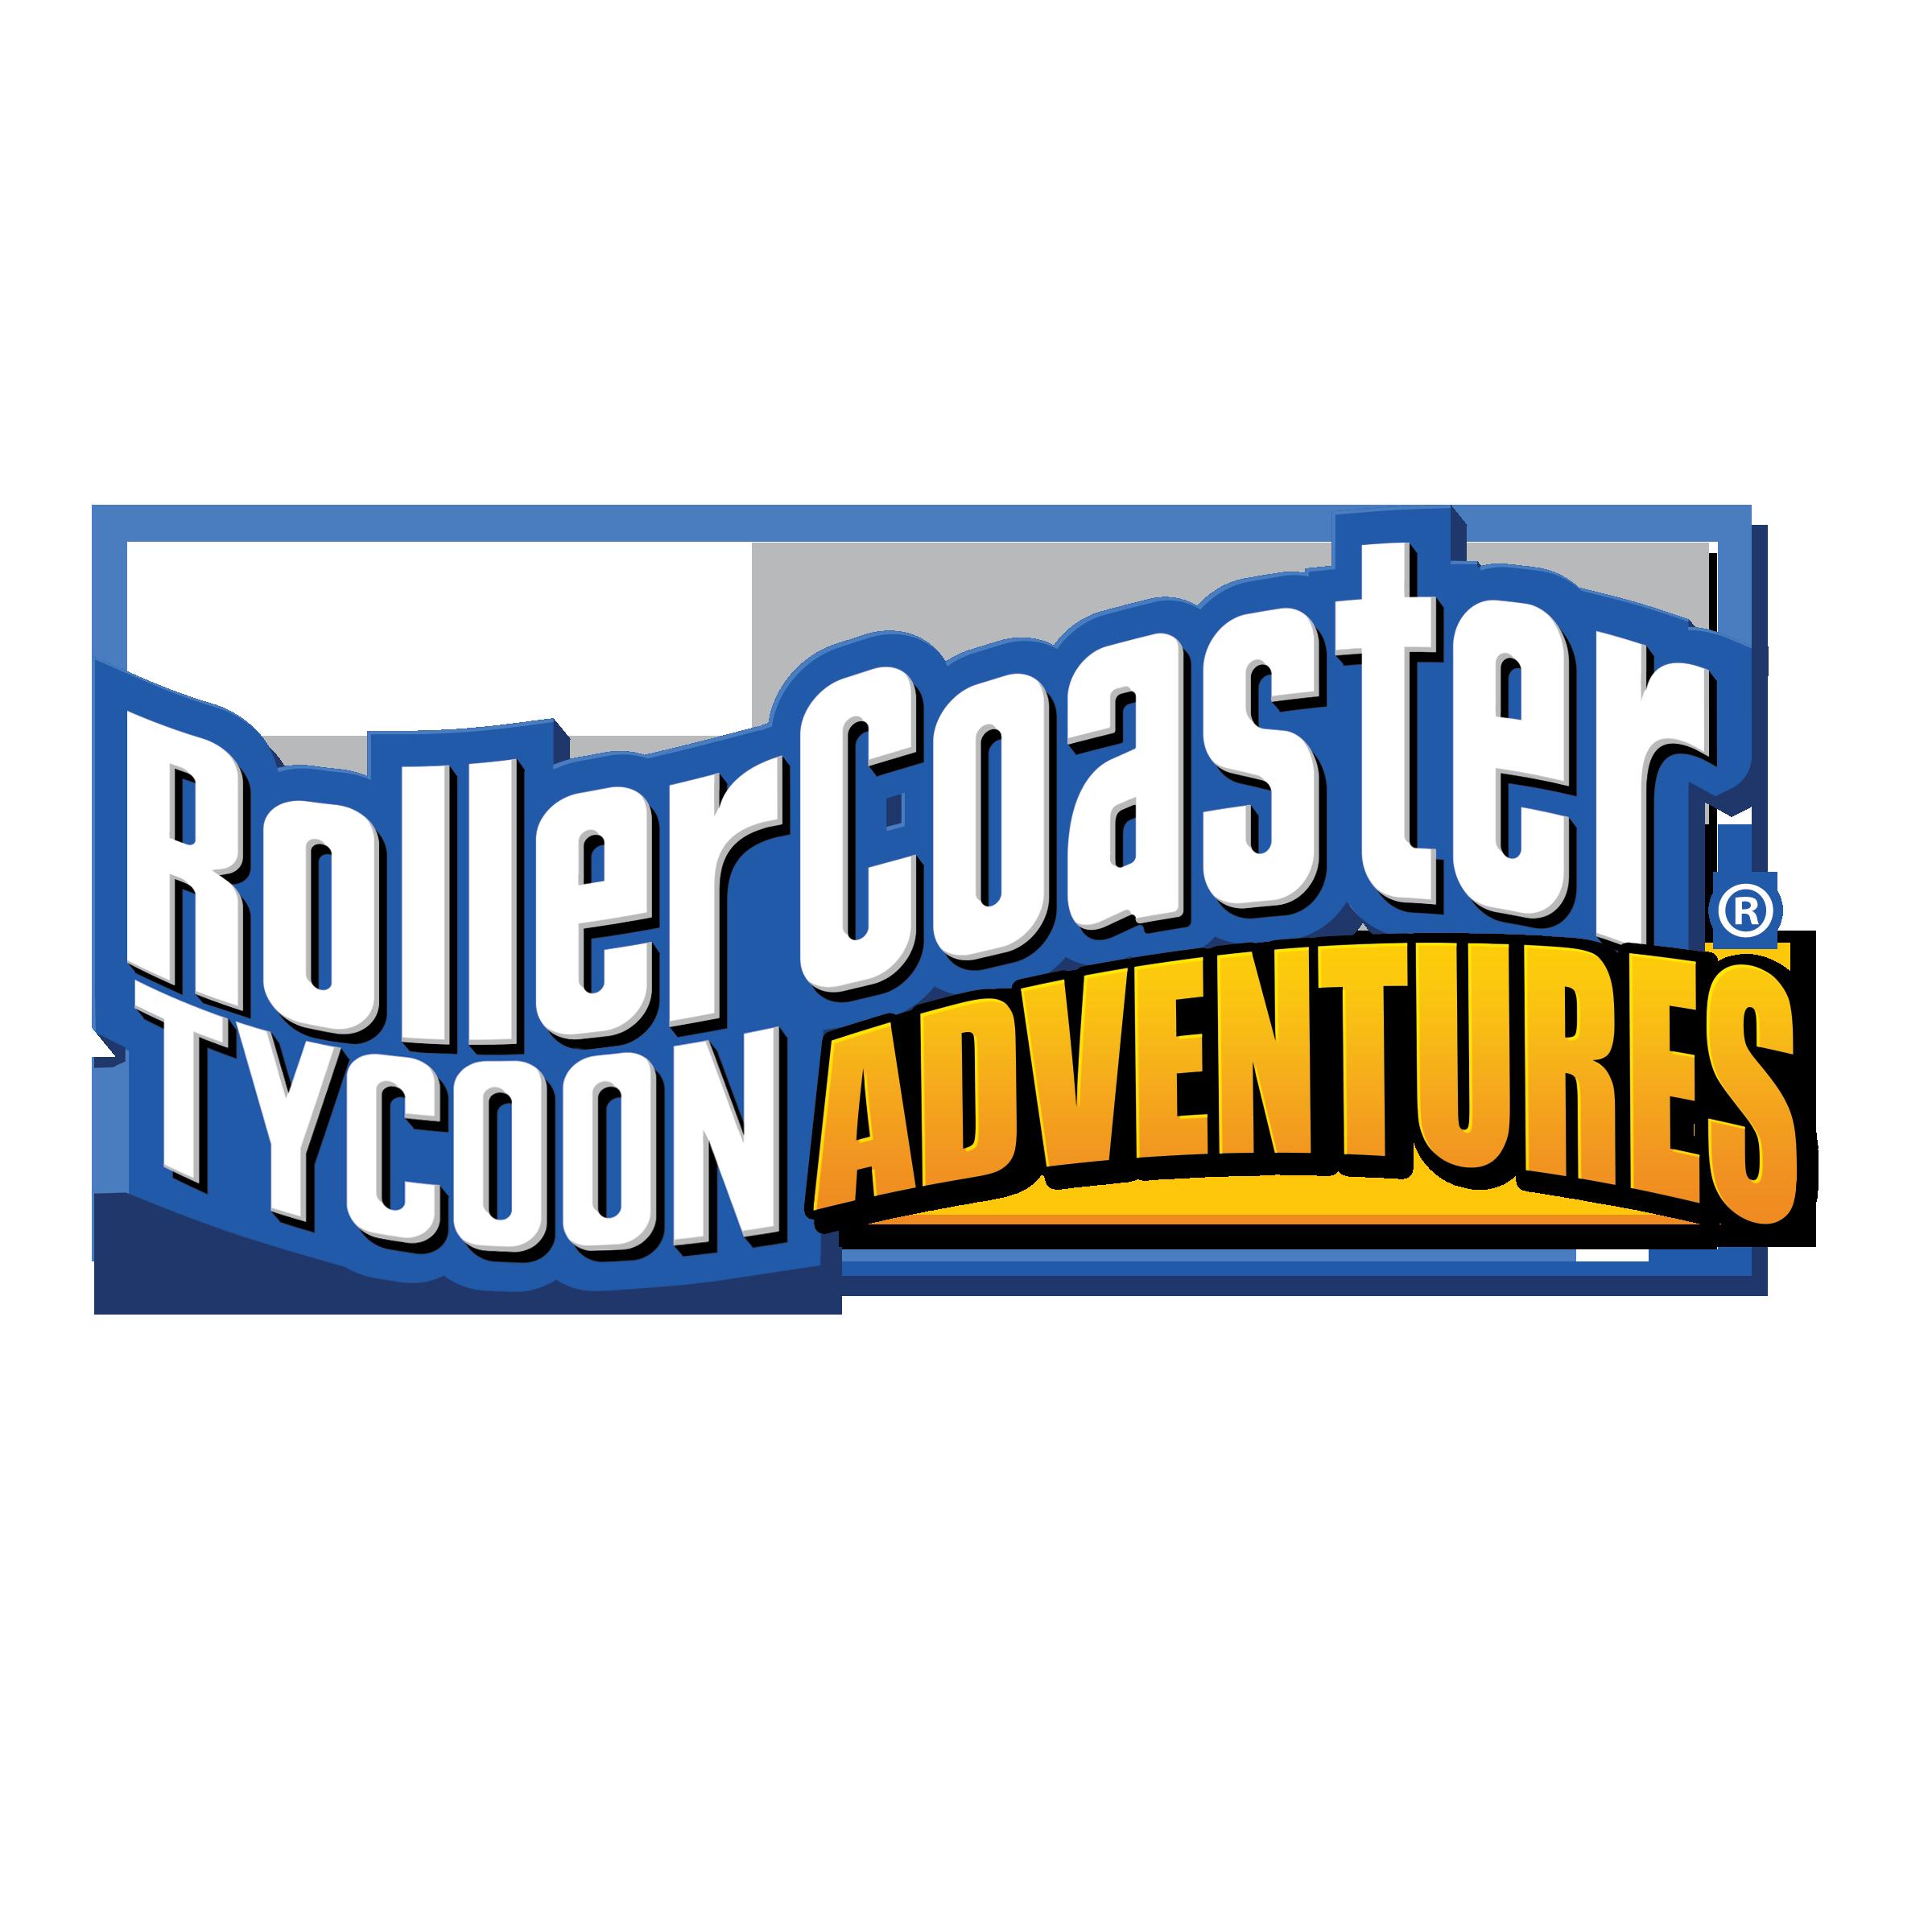 rct_adventures_logo_FINAL